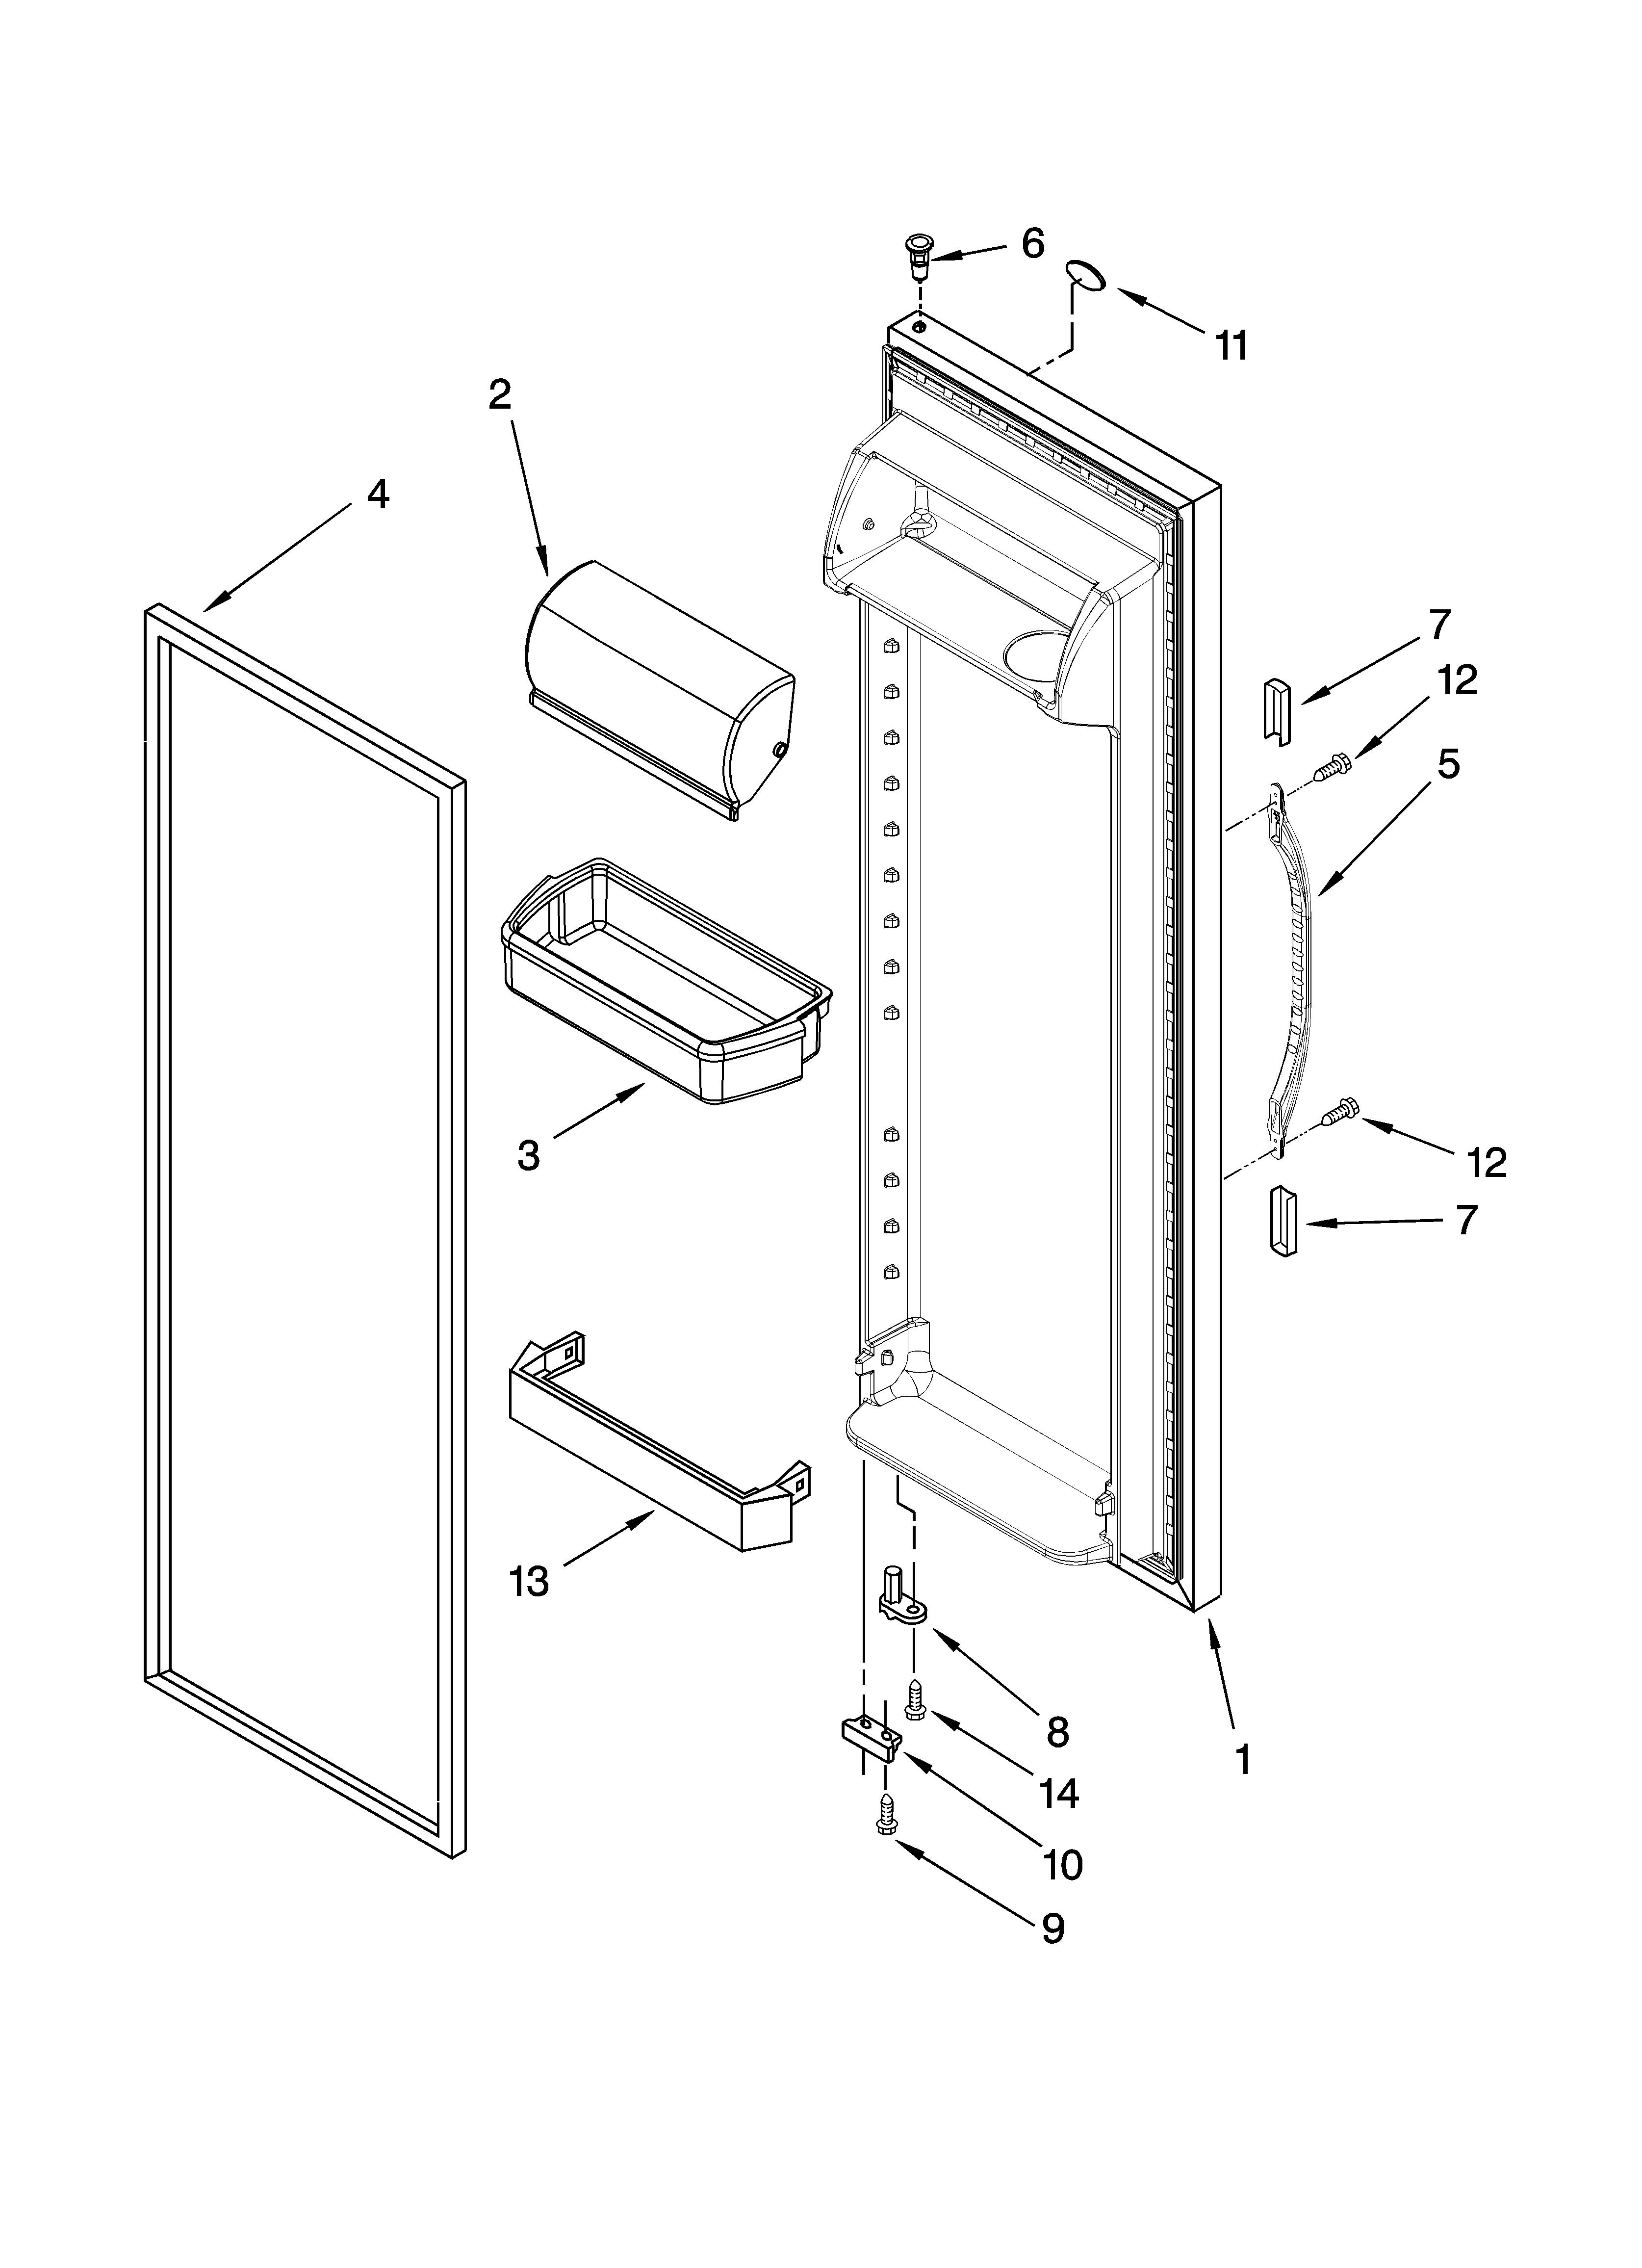 refrigerator door parts diagram & parts list for model ... kenmore 106 refrigerator parts diagram wiring diagram for kenmore elite refrigerator